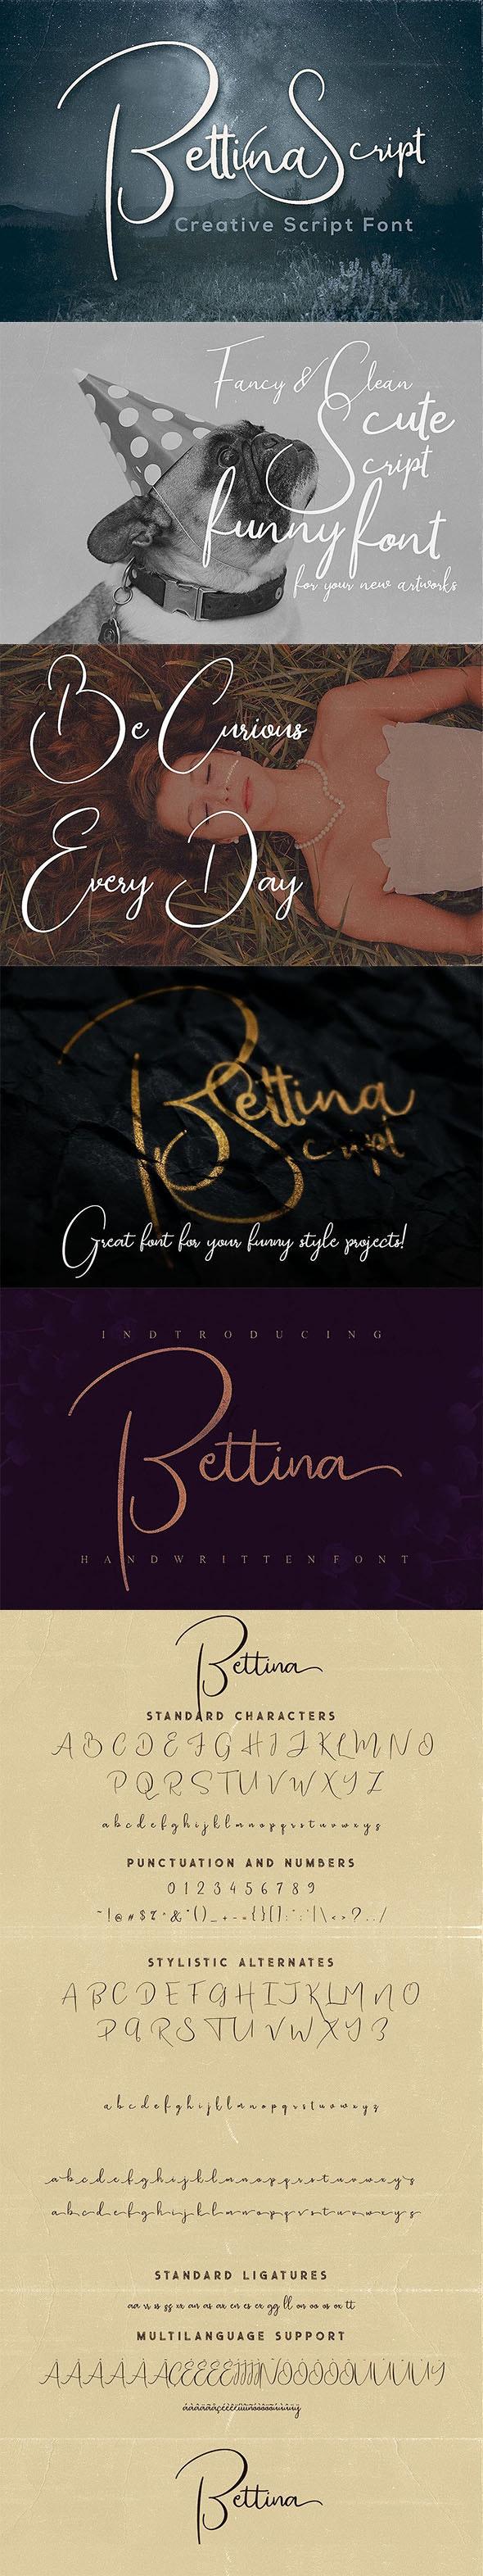 Bettina Script Font - Calligraphy Script